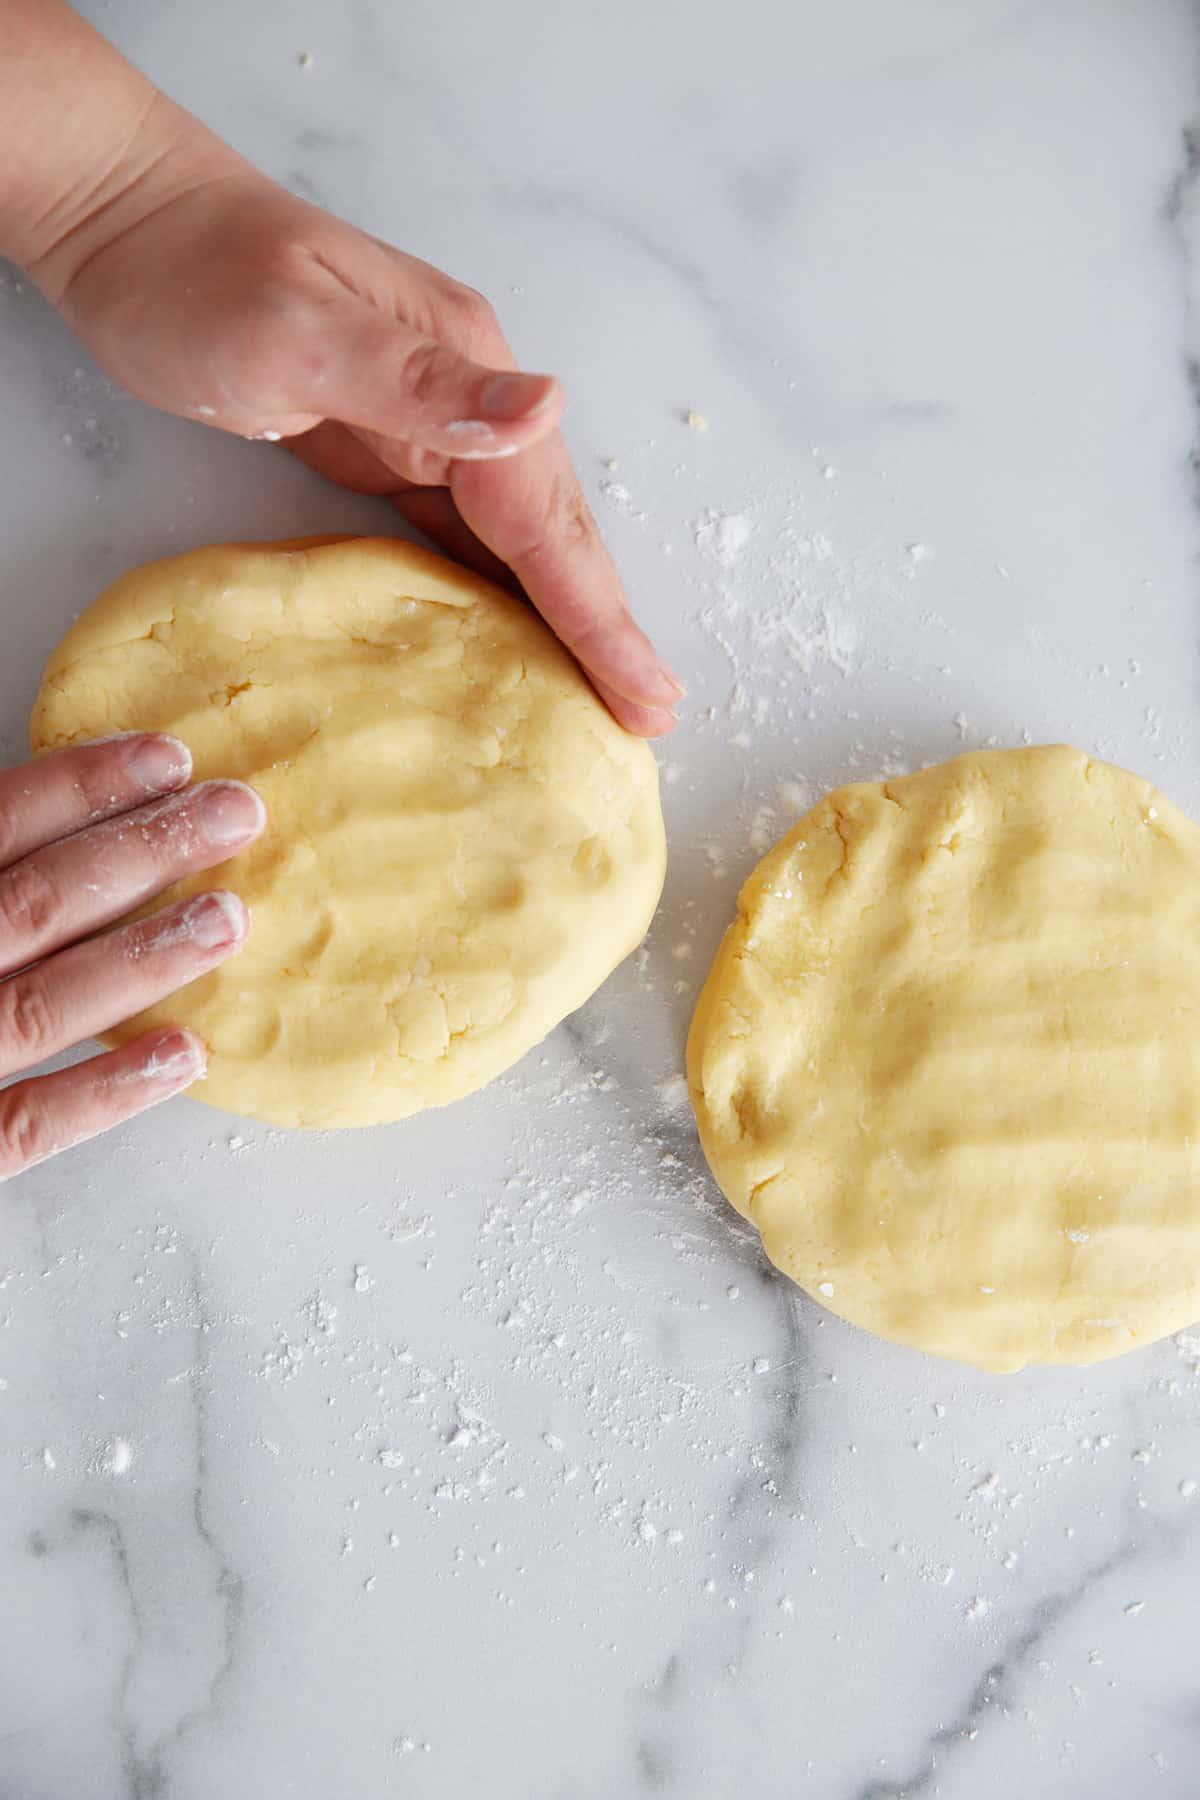 Gluten free pie crust disks